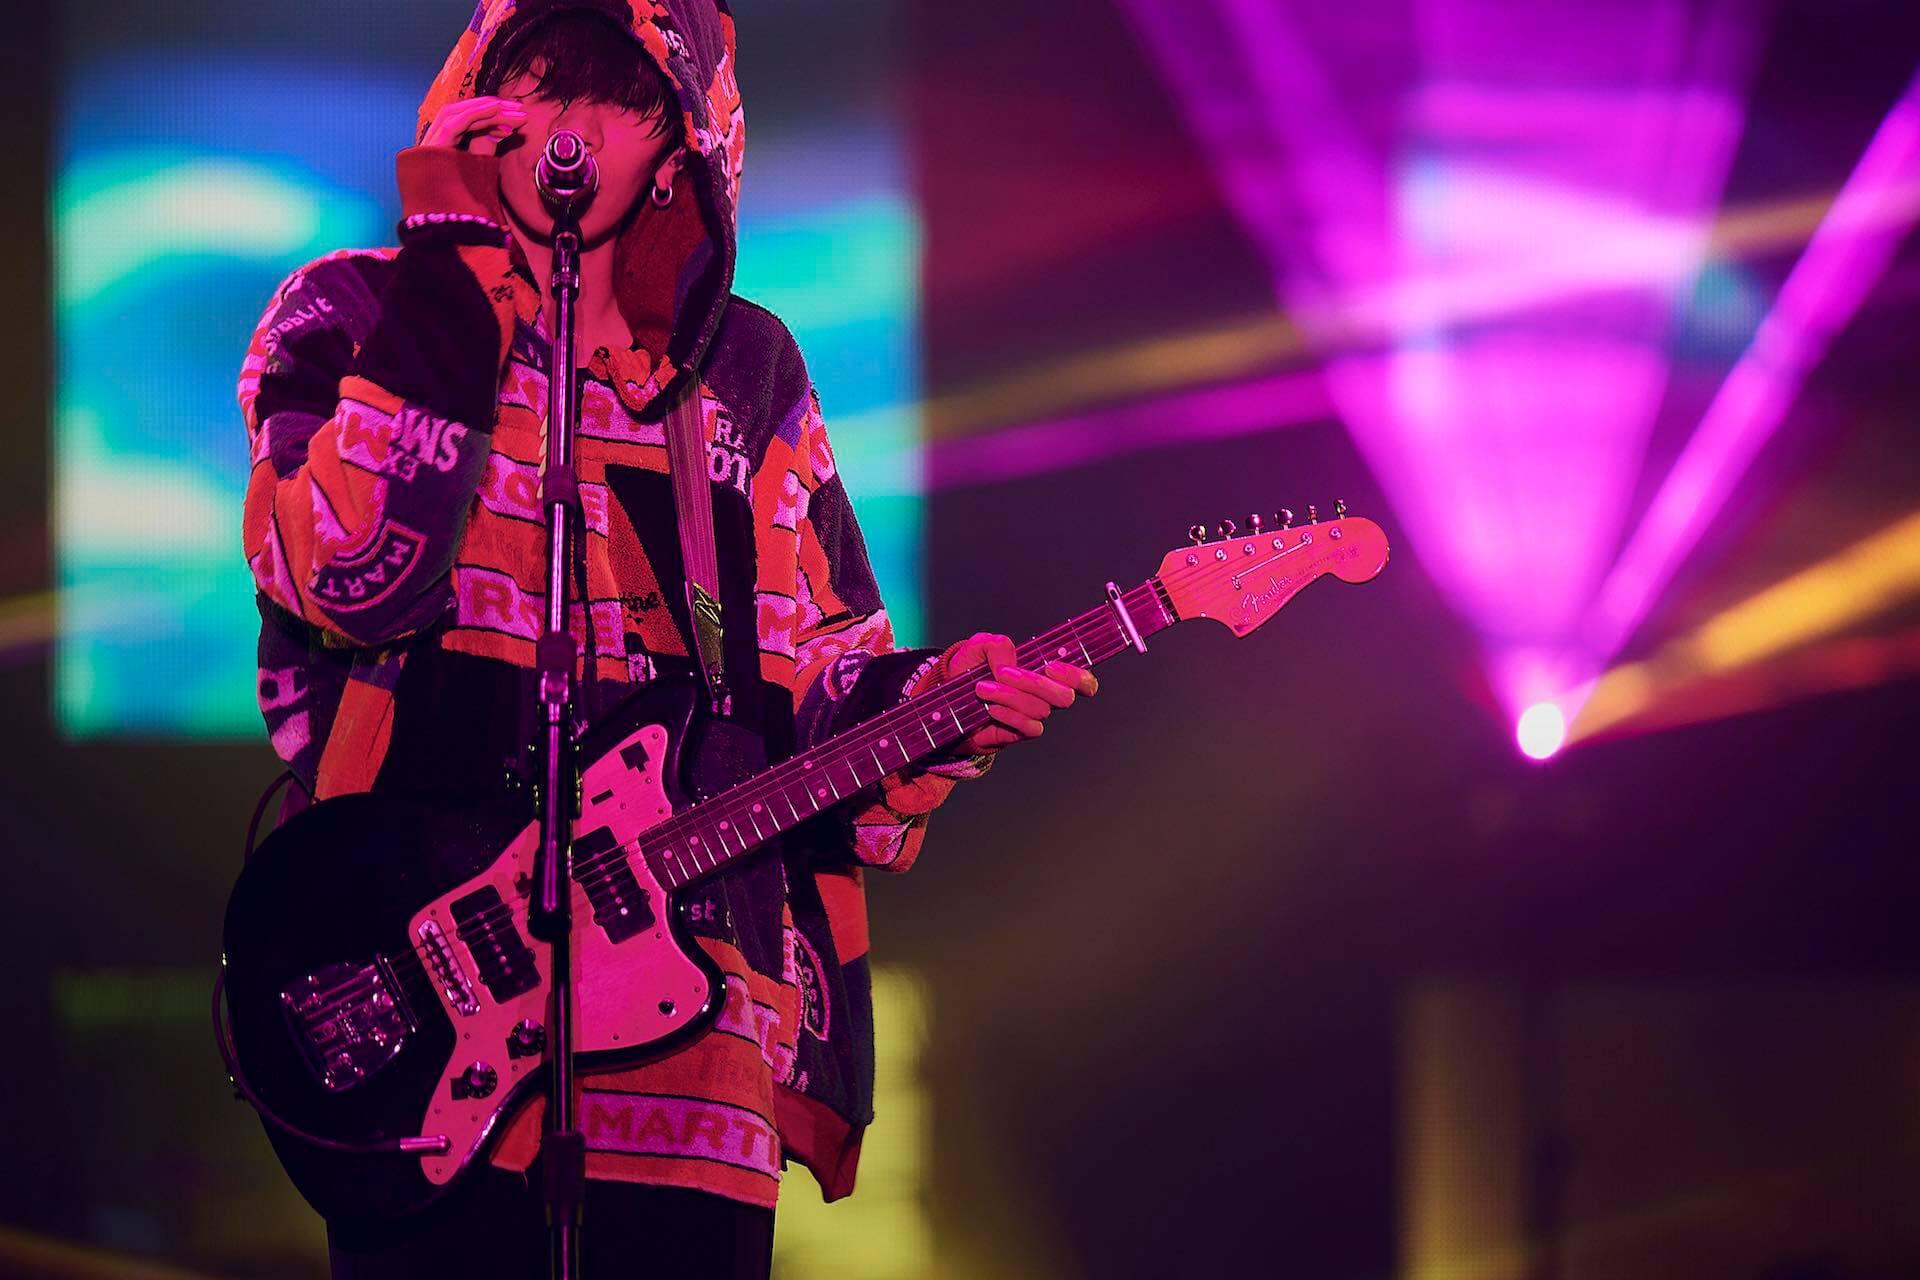 米津玄師「パプリカ」セルフカバーが配信決定!明日ついにアリーナツアー<米津玄師 2020 TOUR / HYPE>スタート music200131_yonezukenshi_paprika_4